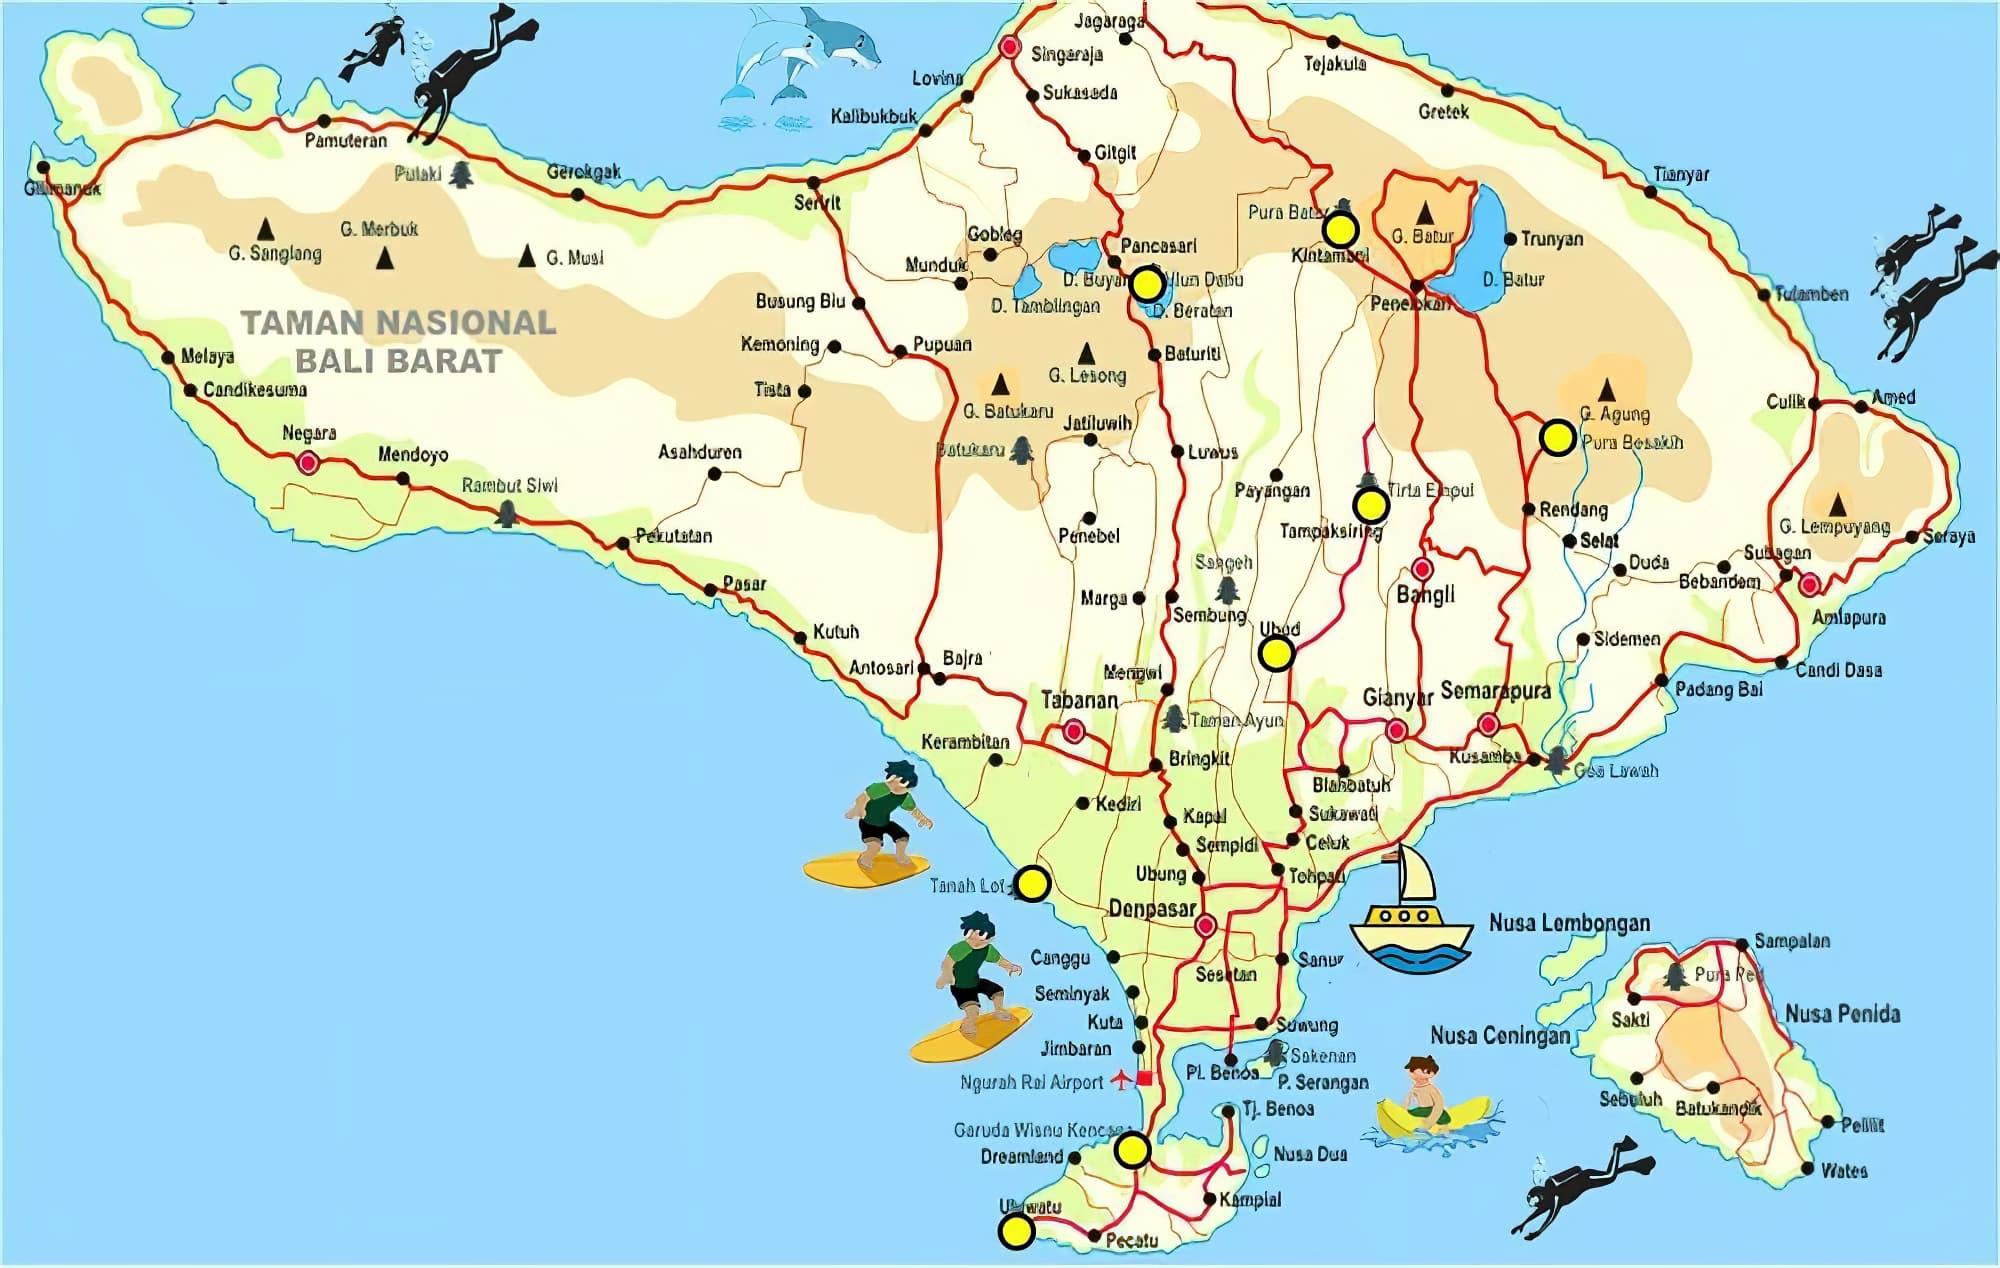 Carte Bali Surf.Cartes Et Plans Detailles De Bali